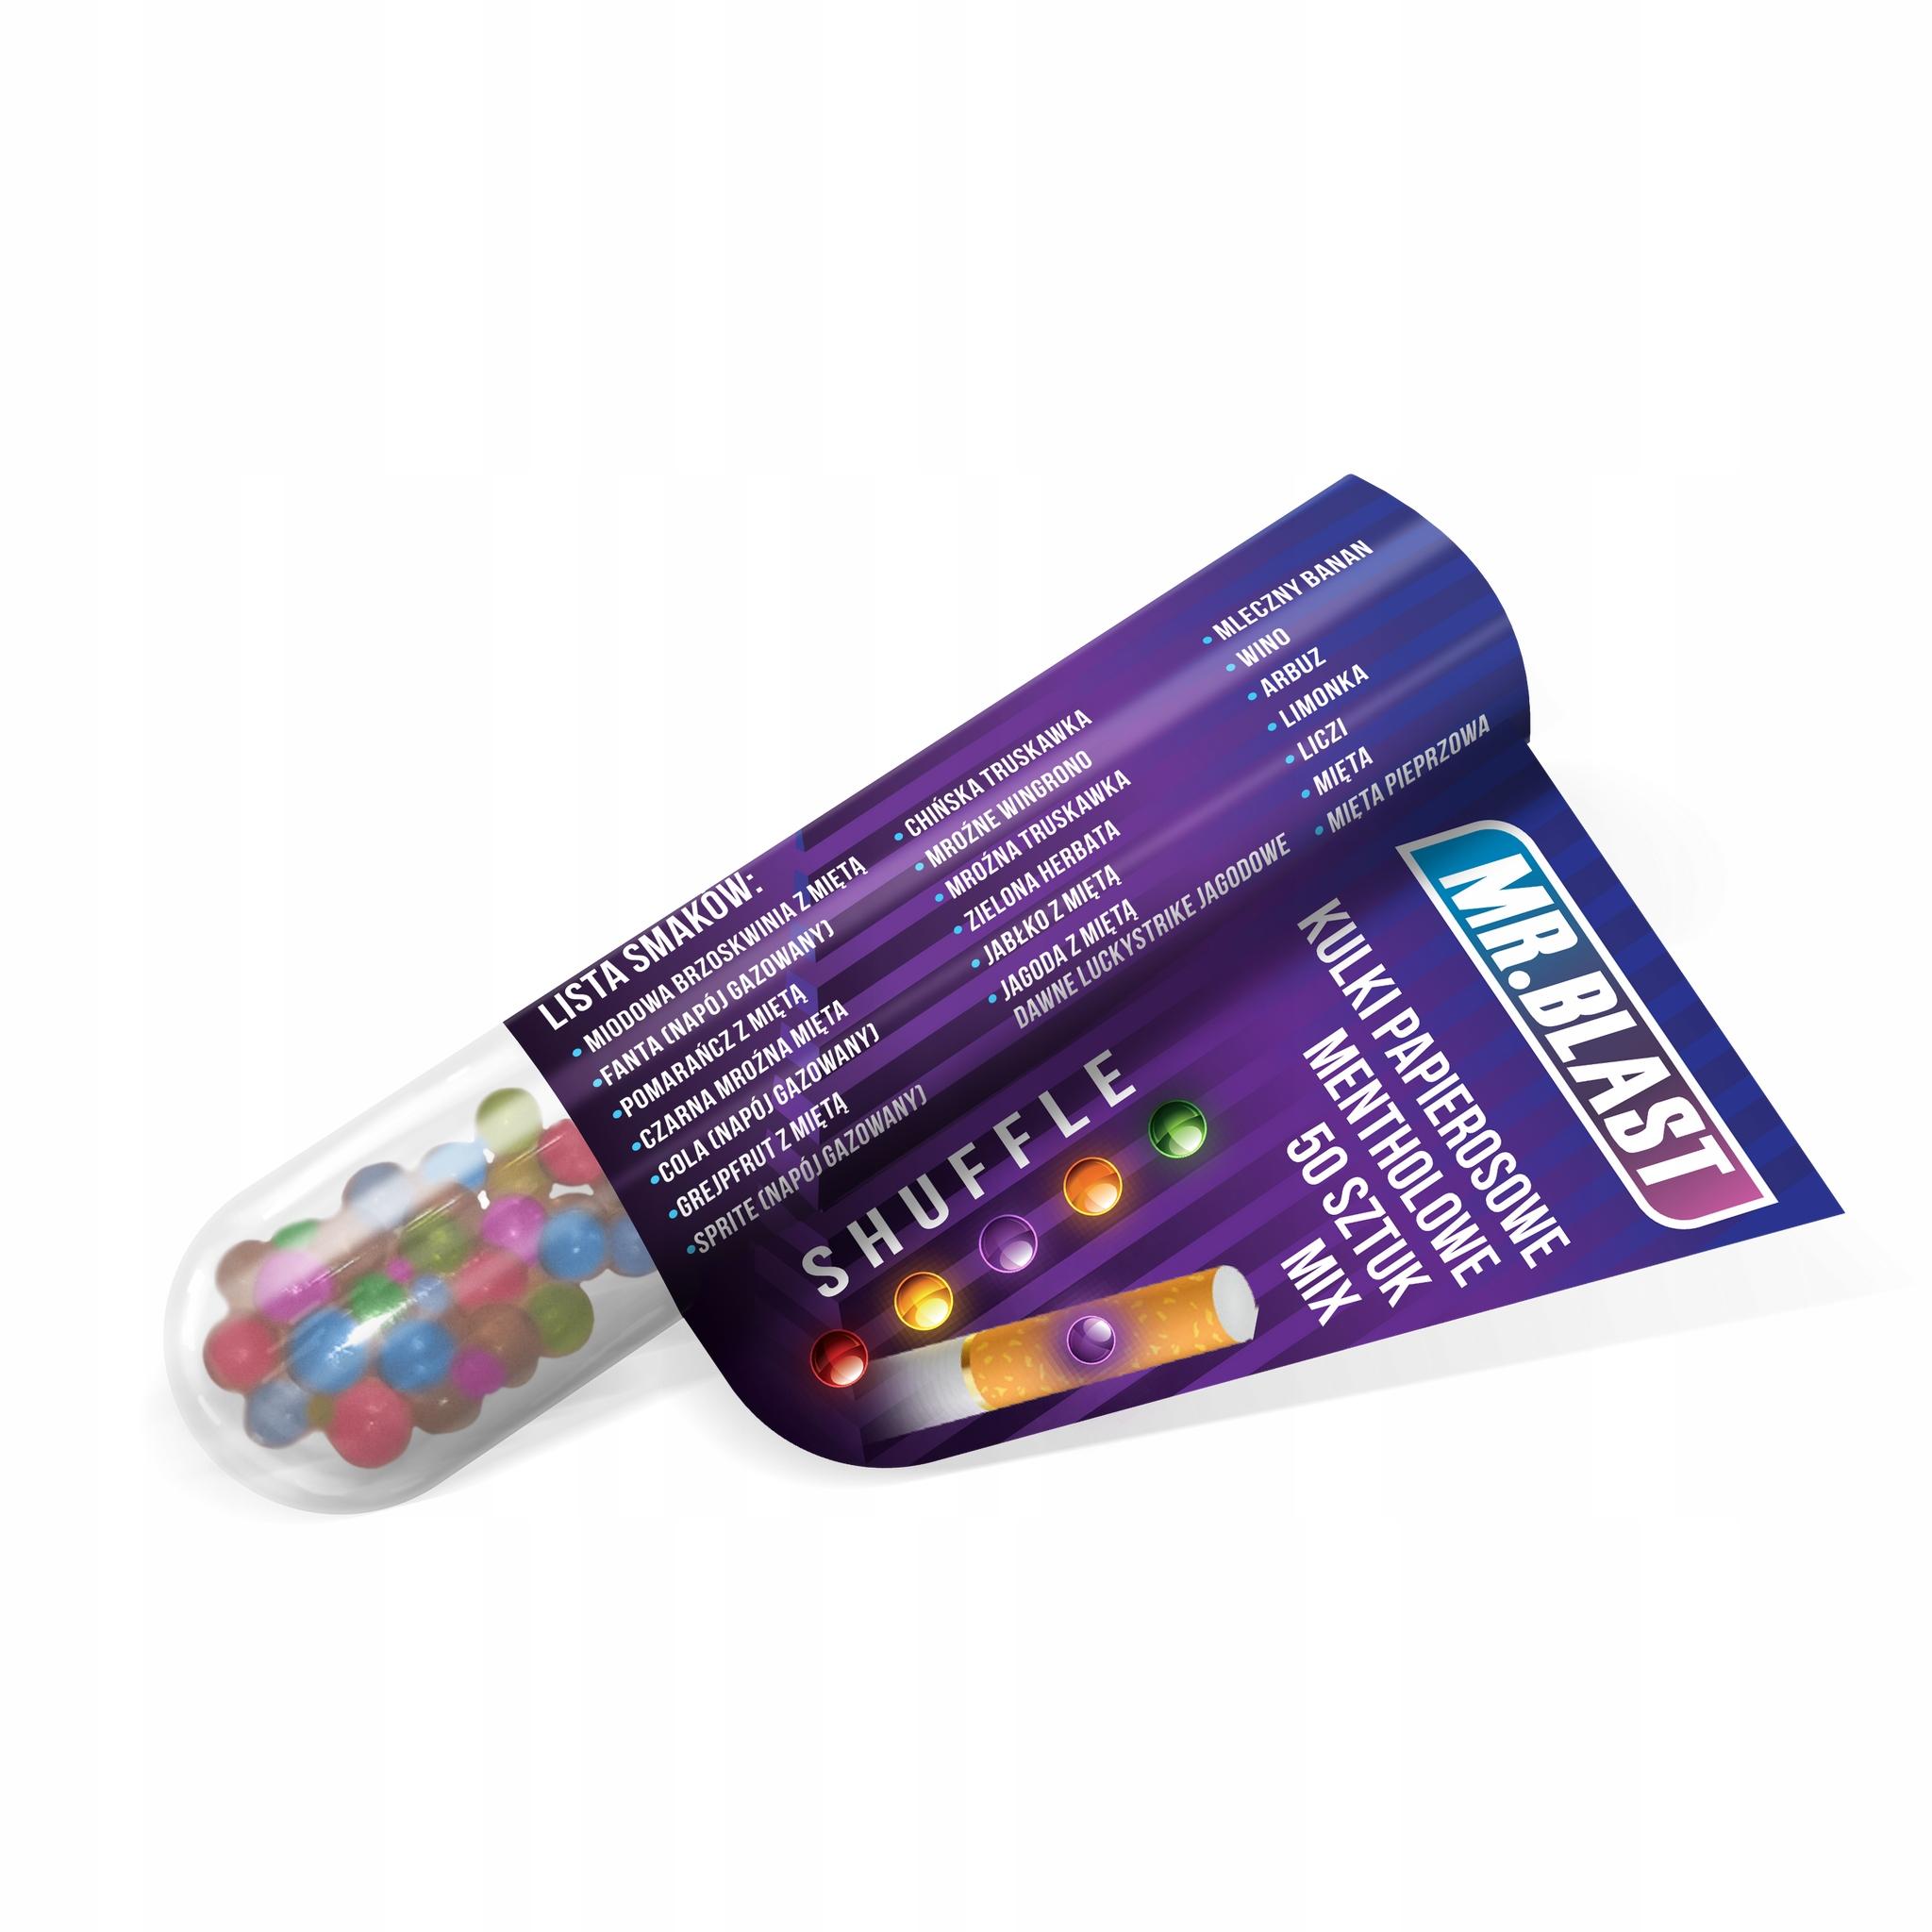 Купить капсулы для сигарет электронные сигареты купить в таллинне